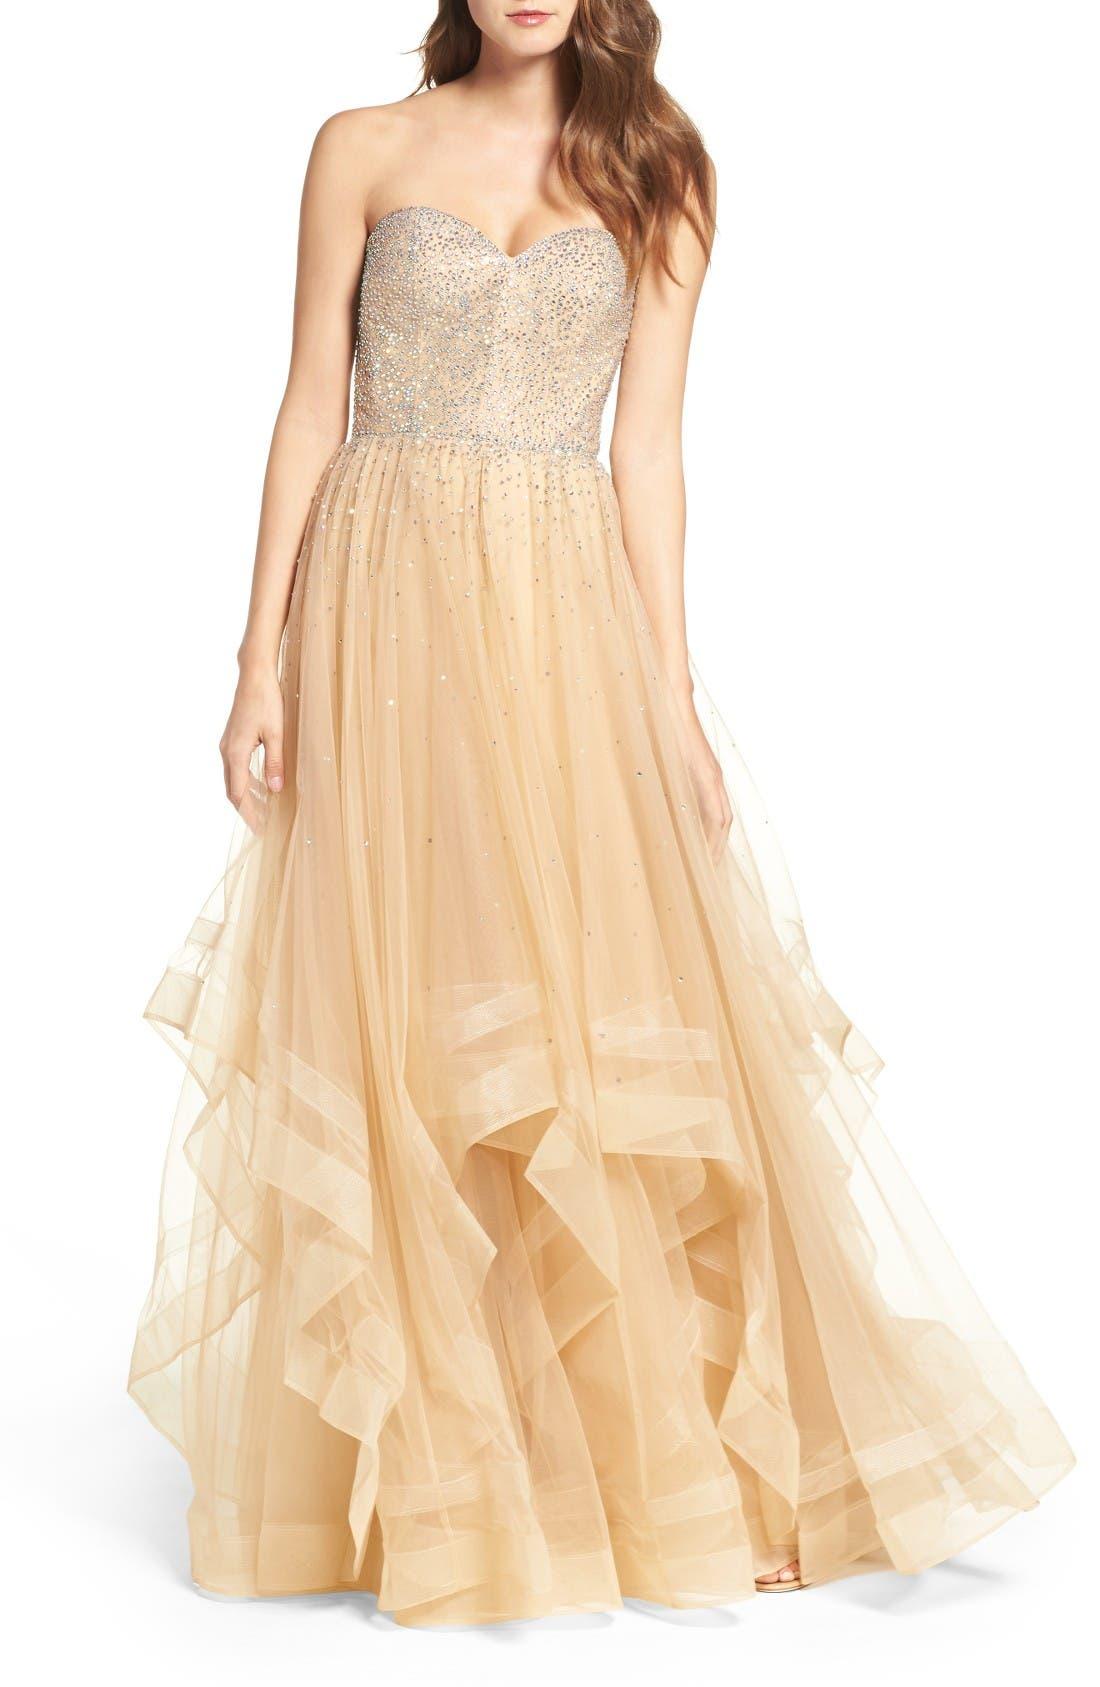 La Femme Embellished Strapless Ballgown